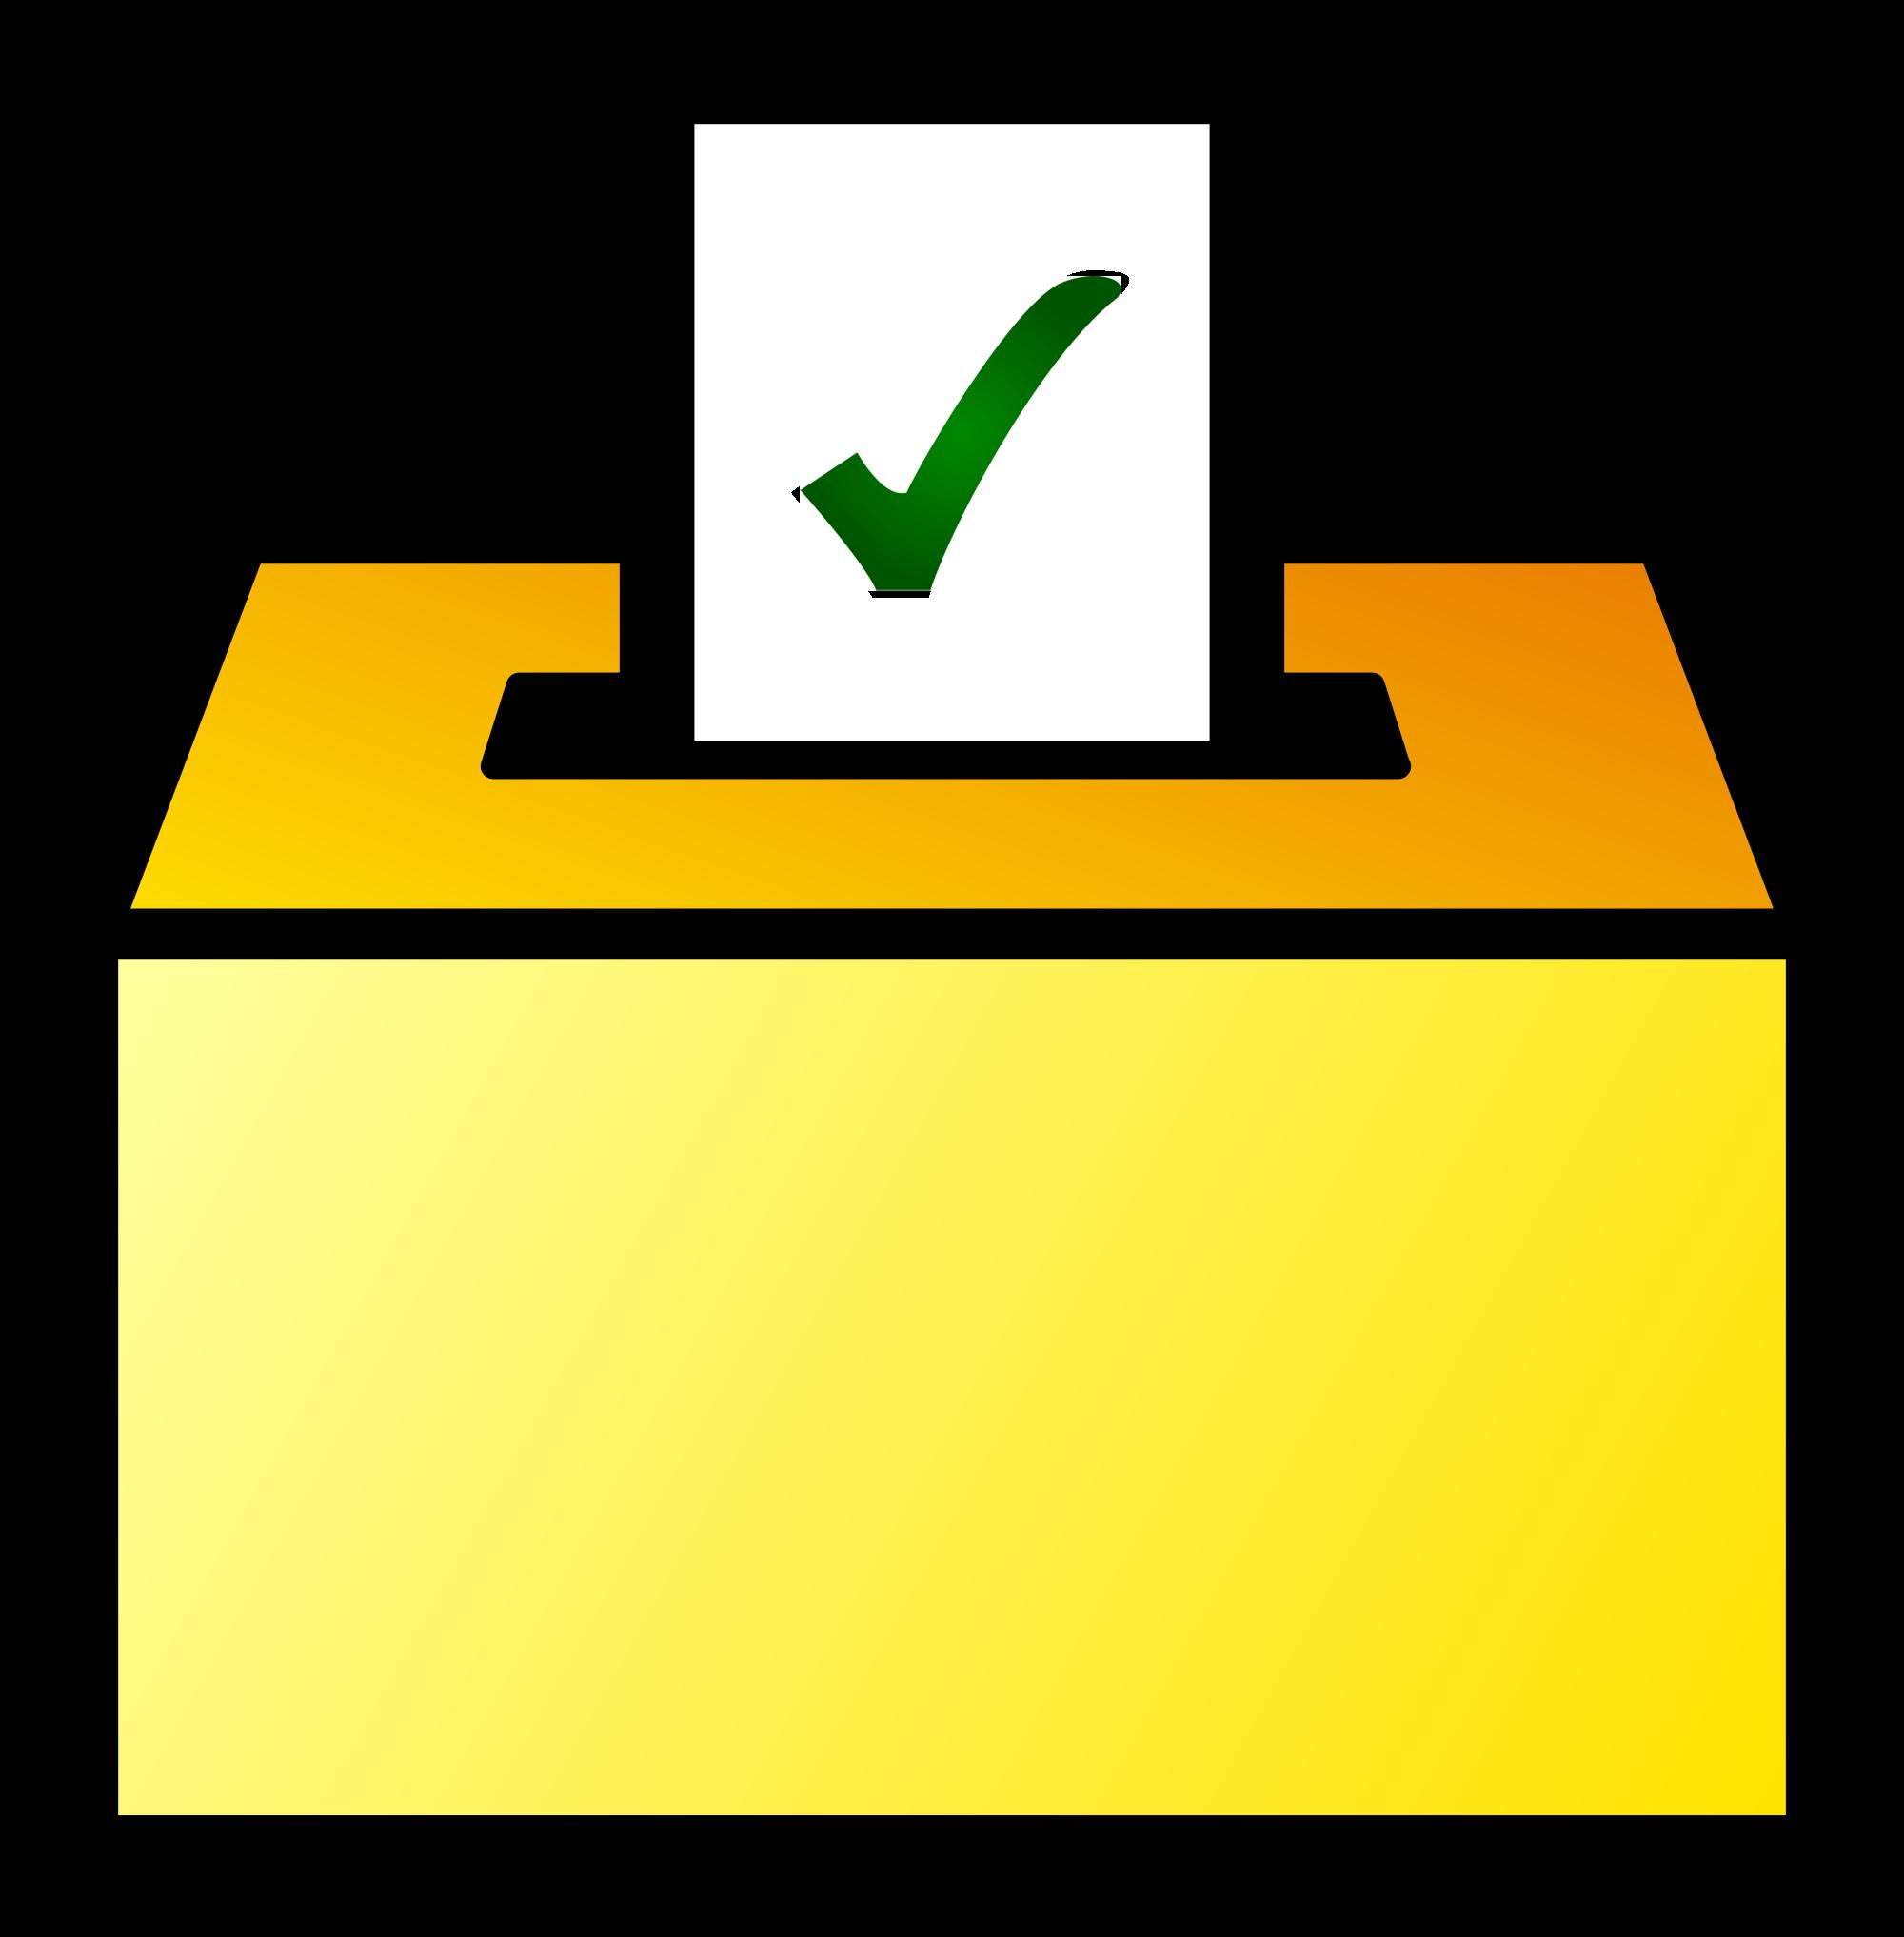 File ballot box color. Voting clipart icon